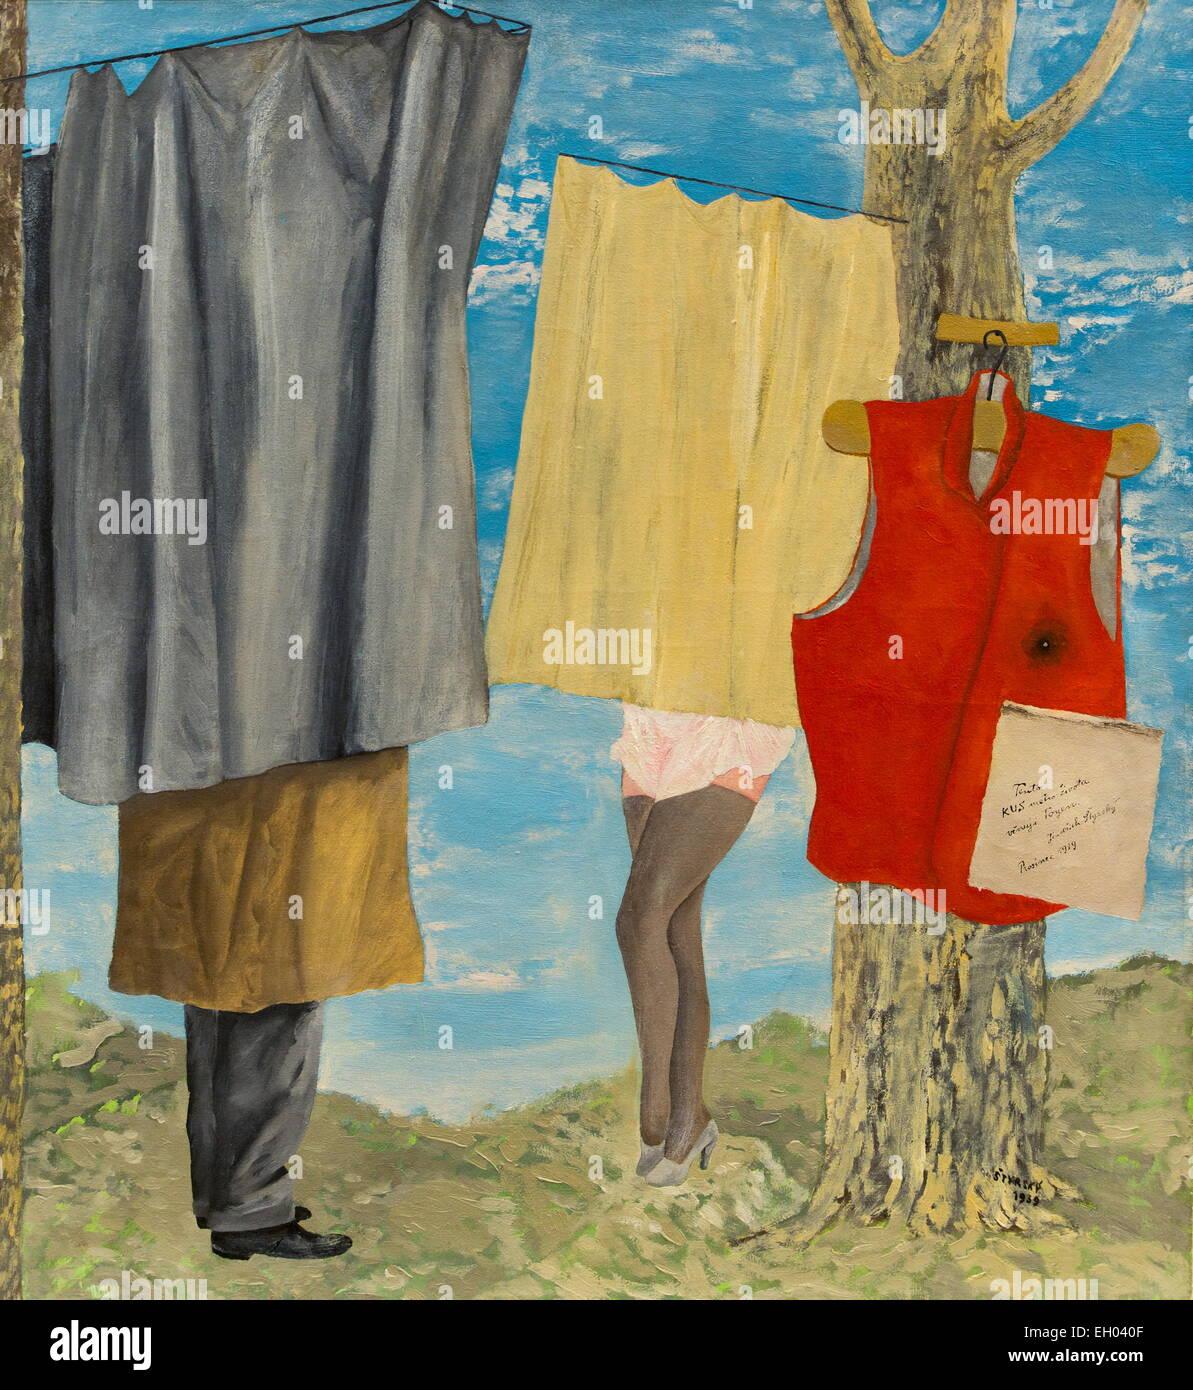 ActiveMuseum_0003422.jpg / gilet Maiakovsky 06/12/2013 - / XX secolo Collezione / Museo attivo Immagini Stock